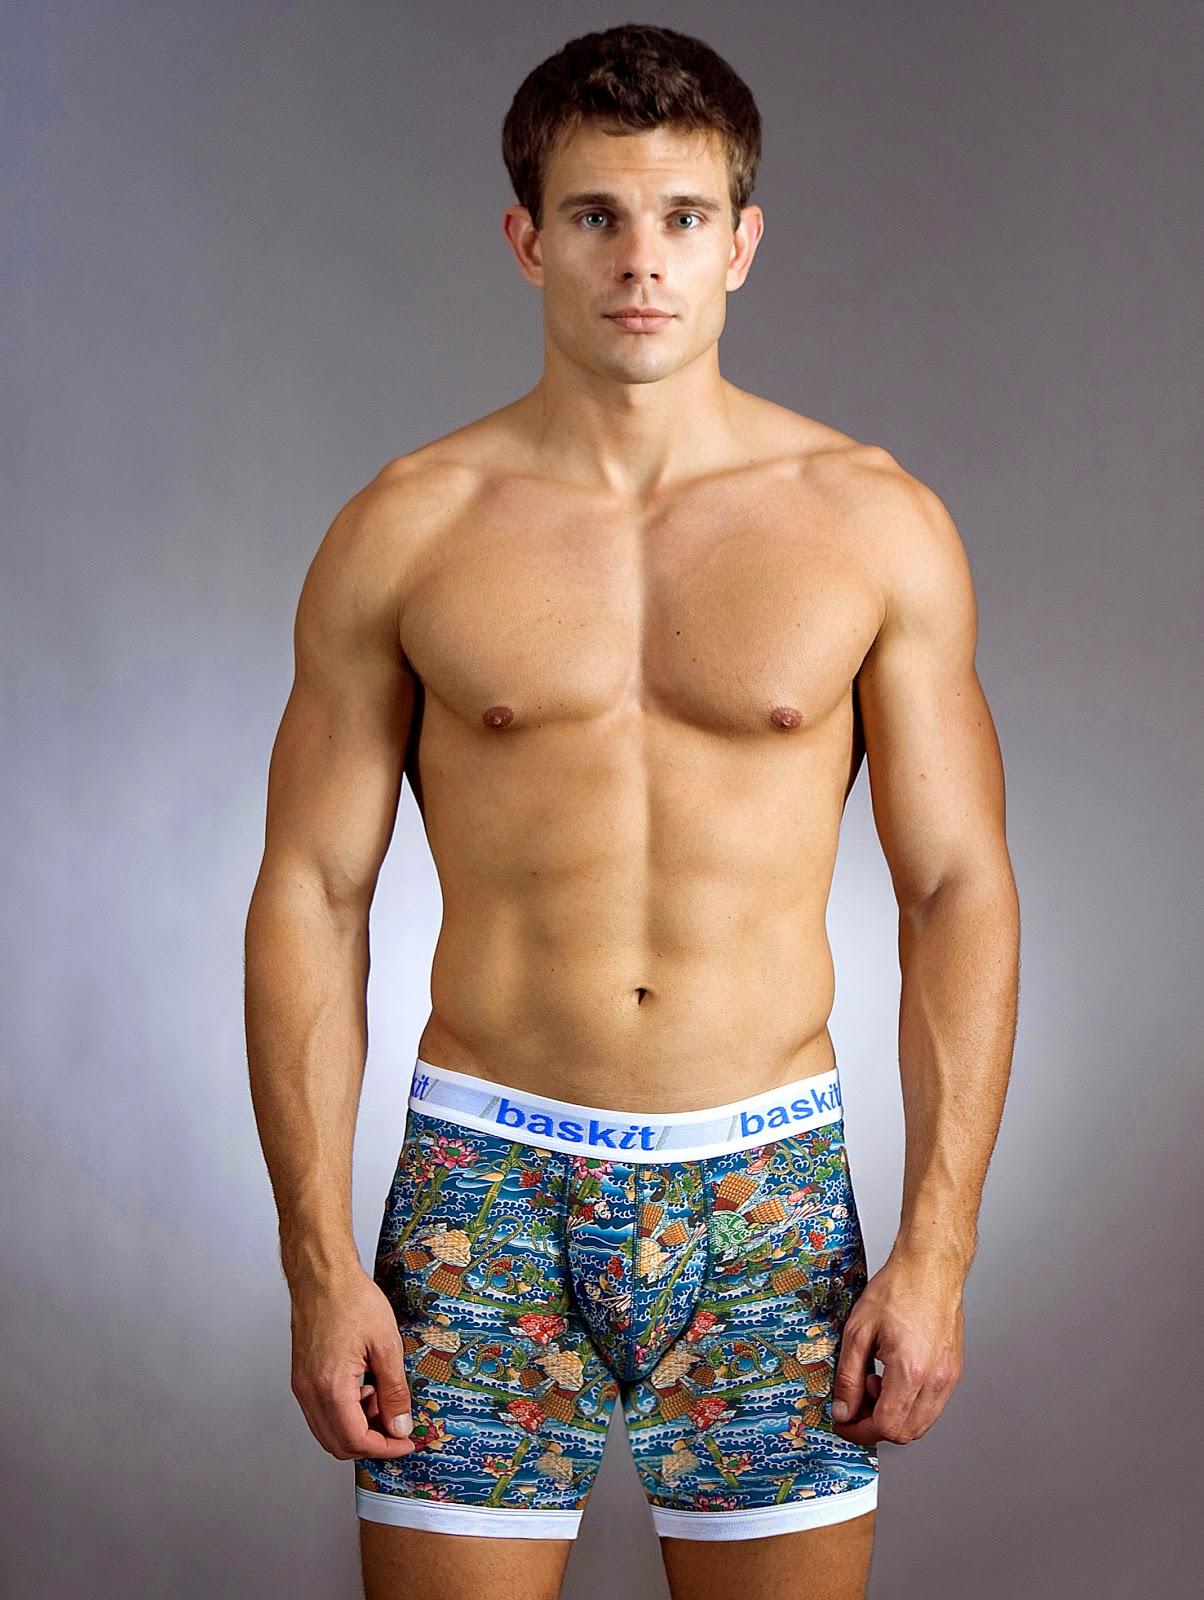 baskit Body Art  Swimwearandlingerie39s Blog